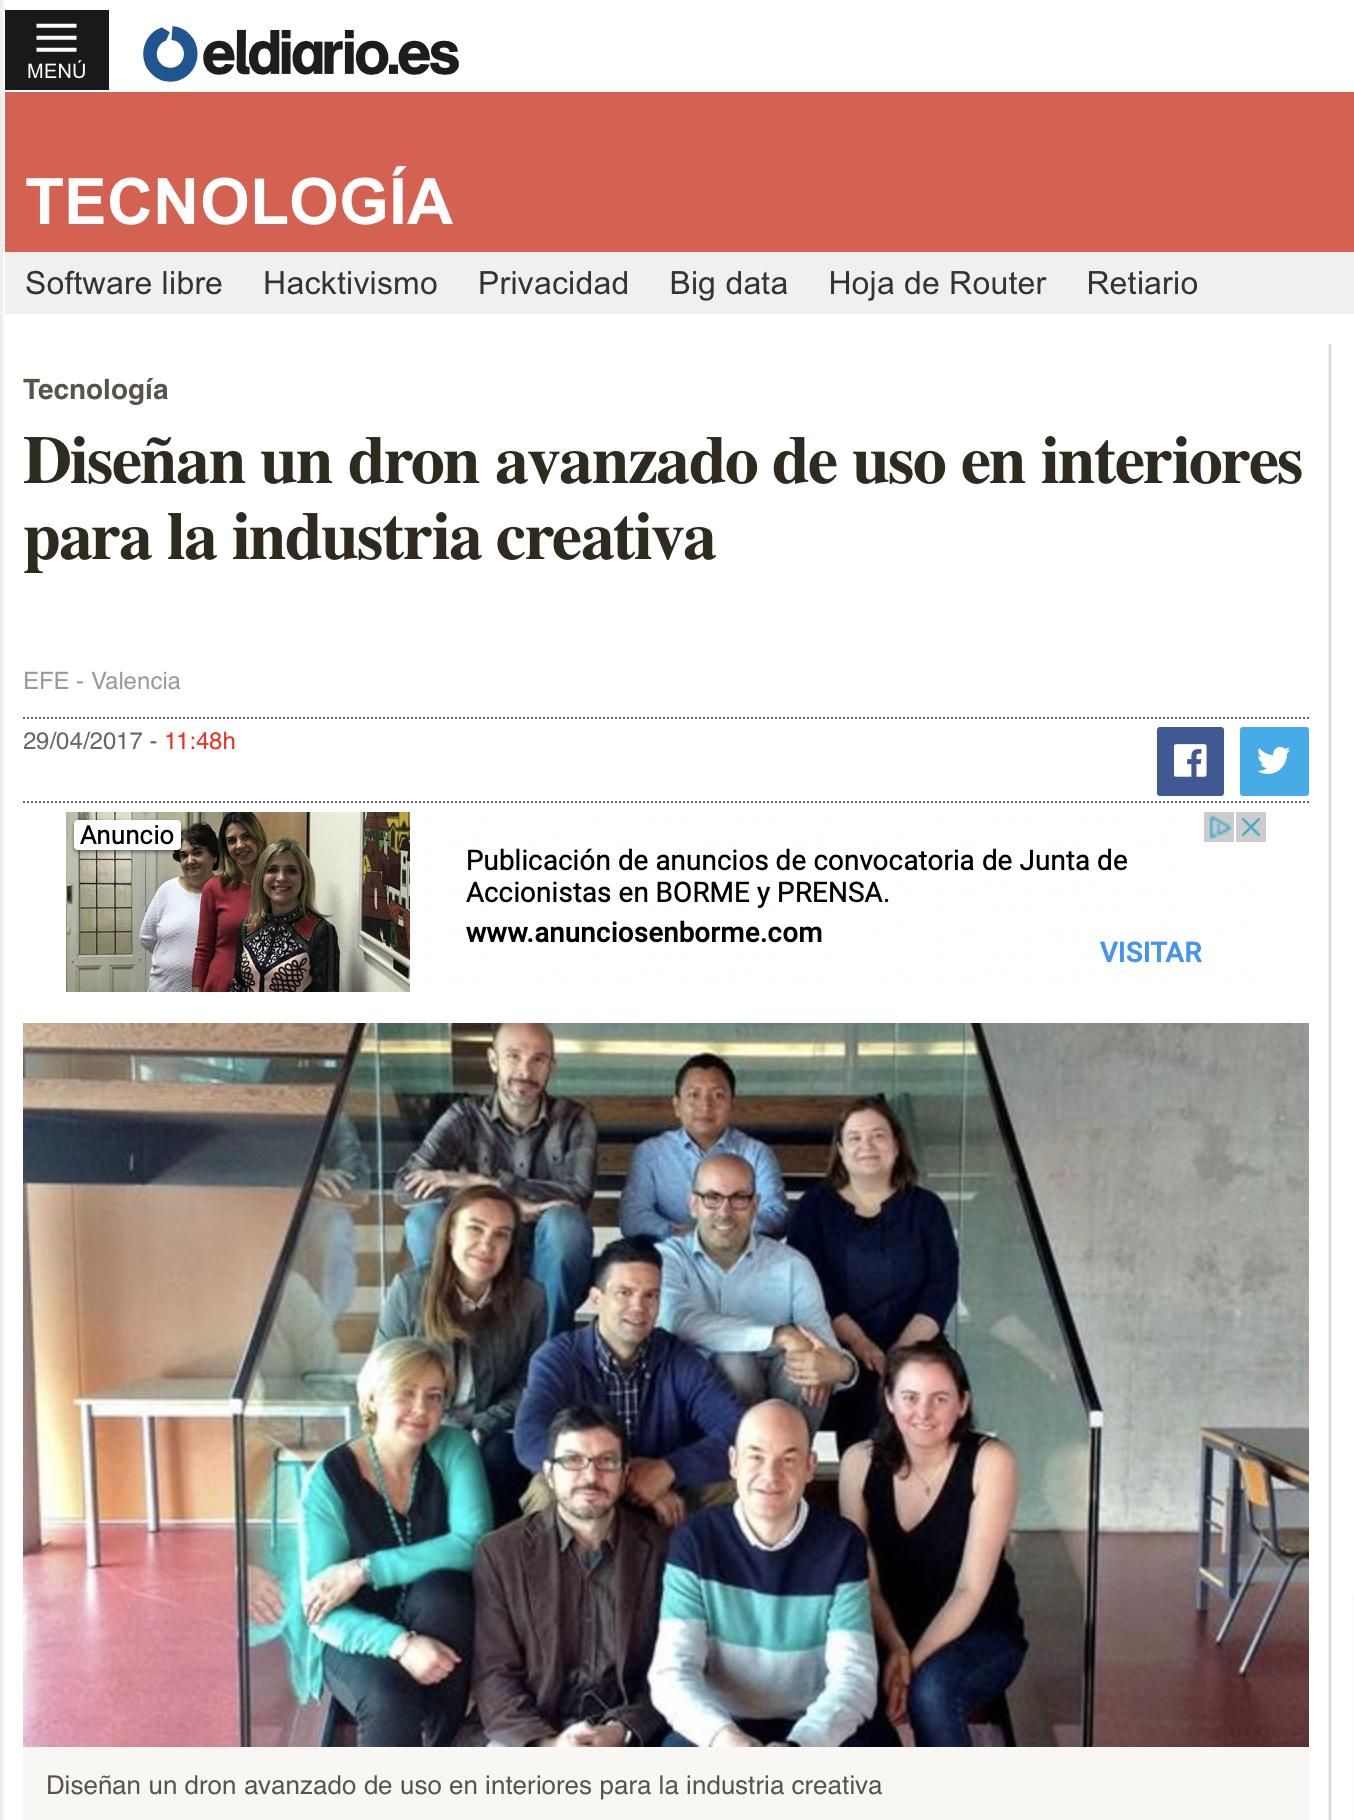 AiRT in eldiario.es